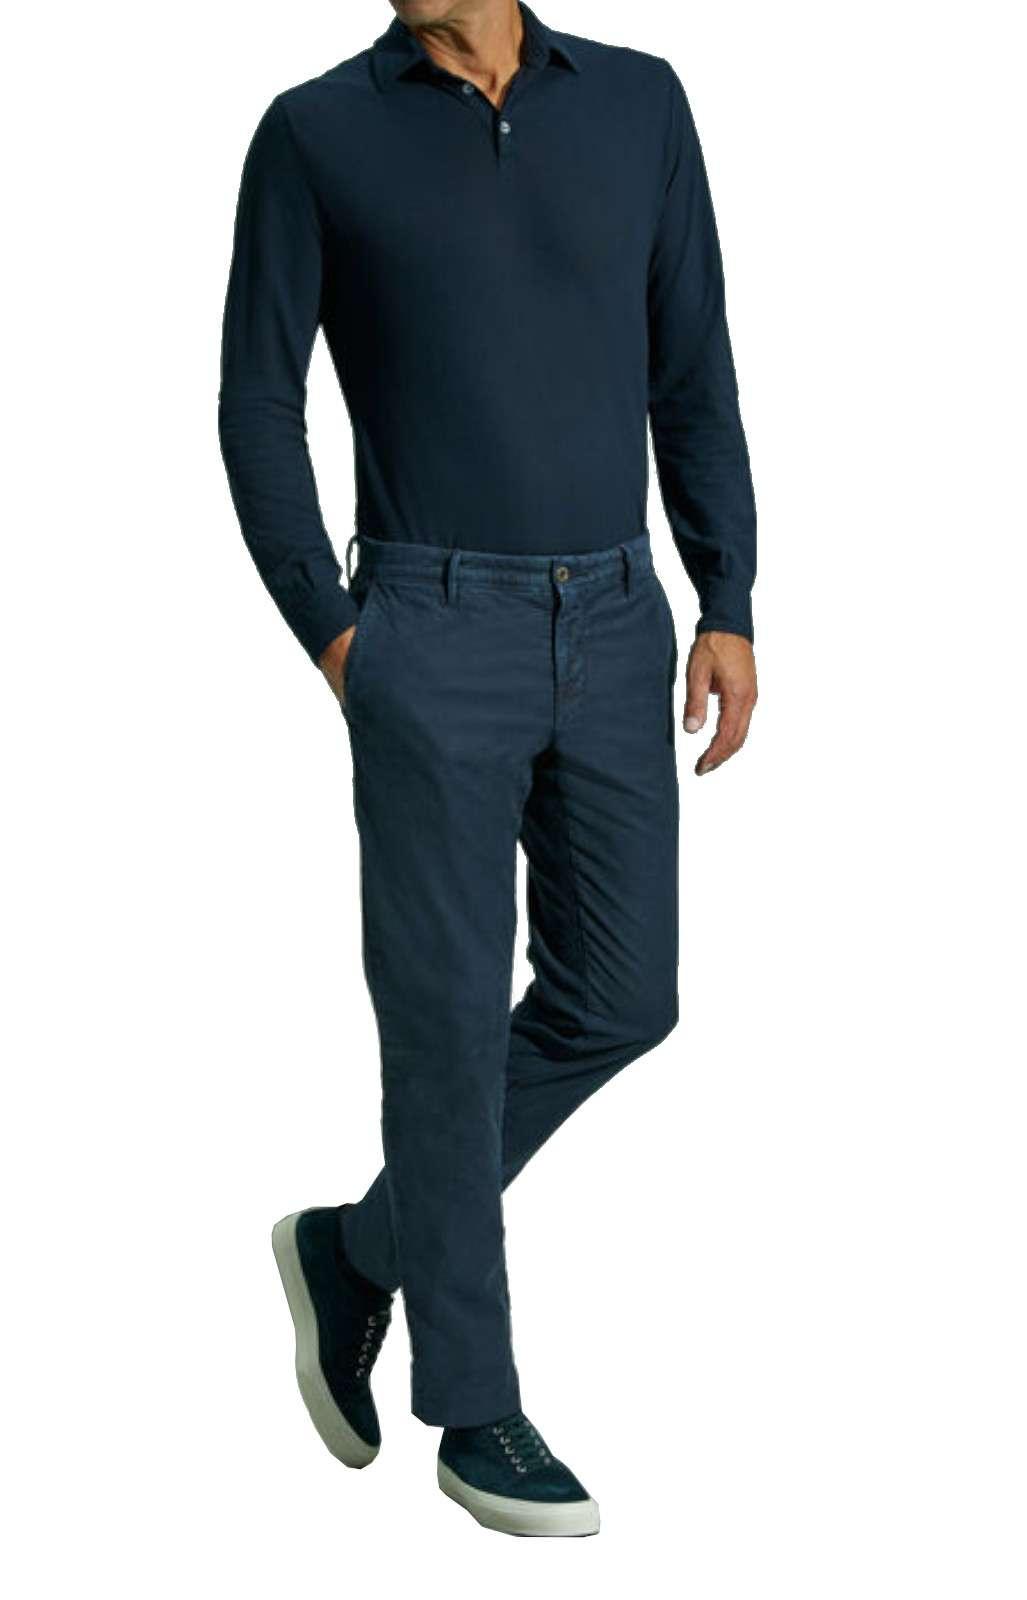 Scopri i nuovi pantaloni dal tessuto jeans firmato dalla nuova collezione Incotex.  Il taglio casual è reso irresistibile dalle tasche america e dalle tasche posteriori a doppio filetto.  Un must have della nuova collezione uomo autunno inverno.